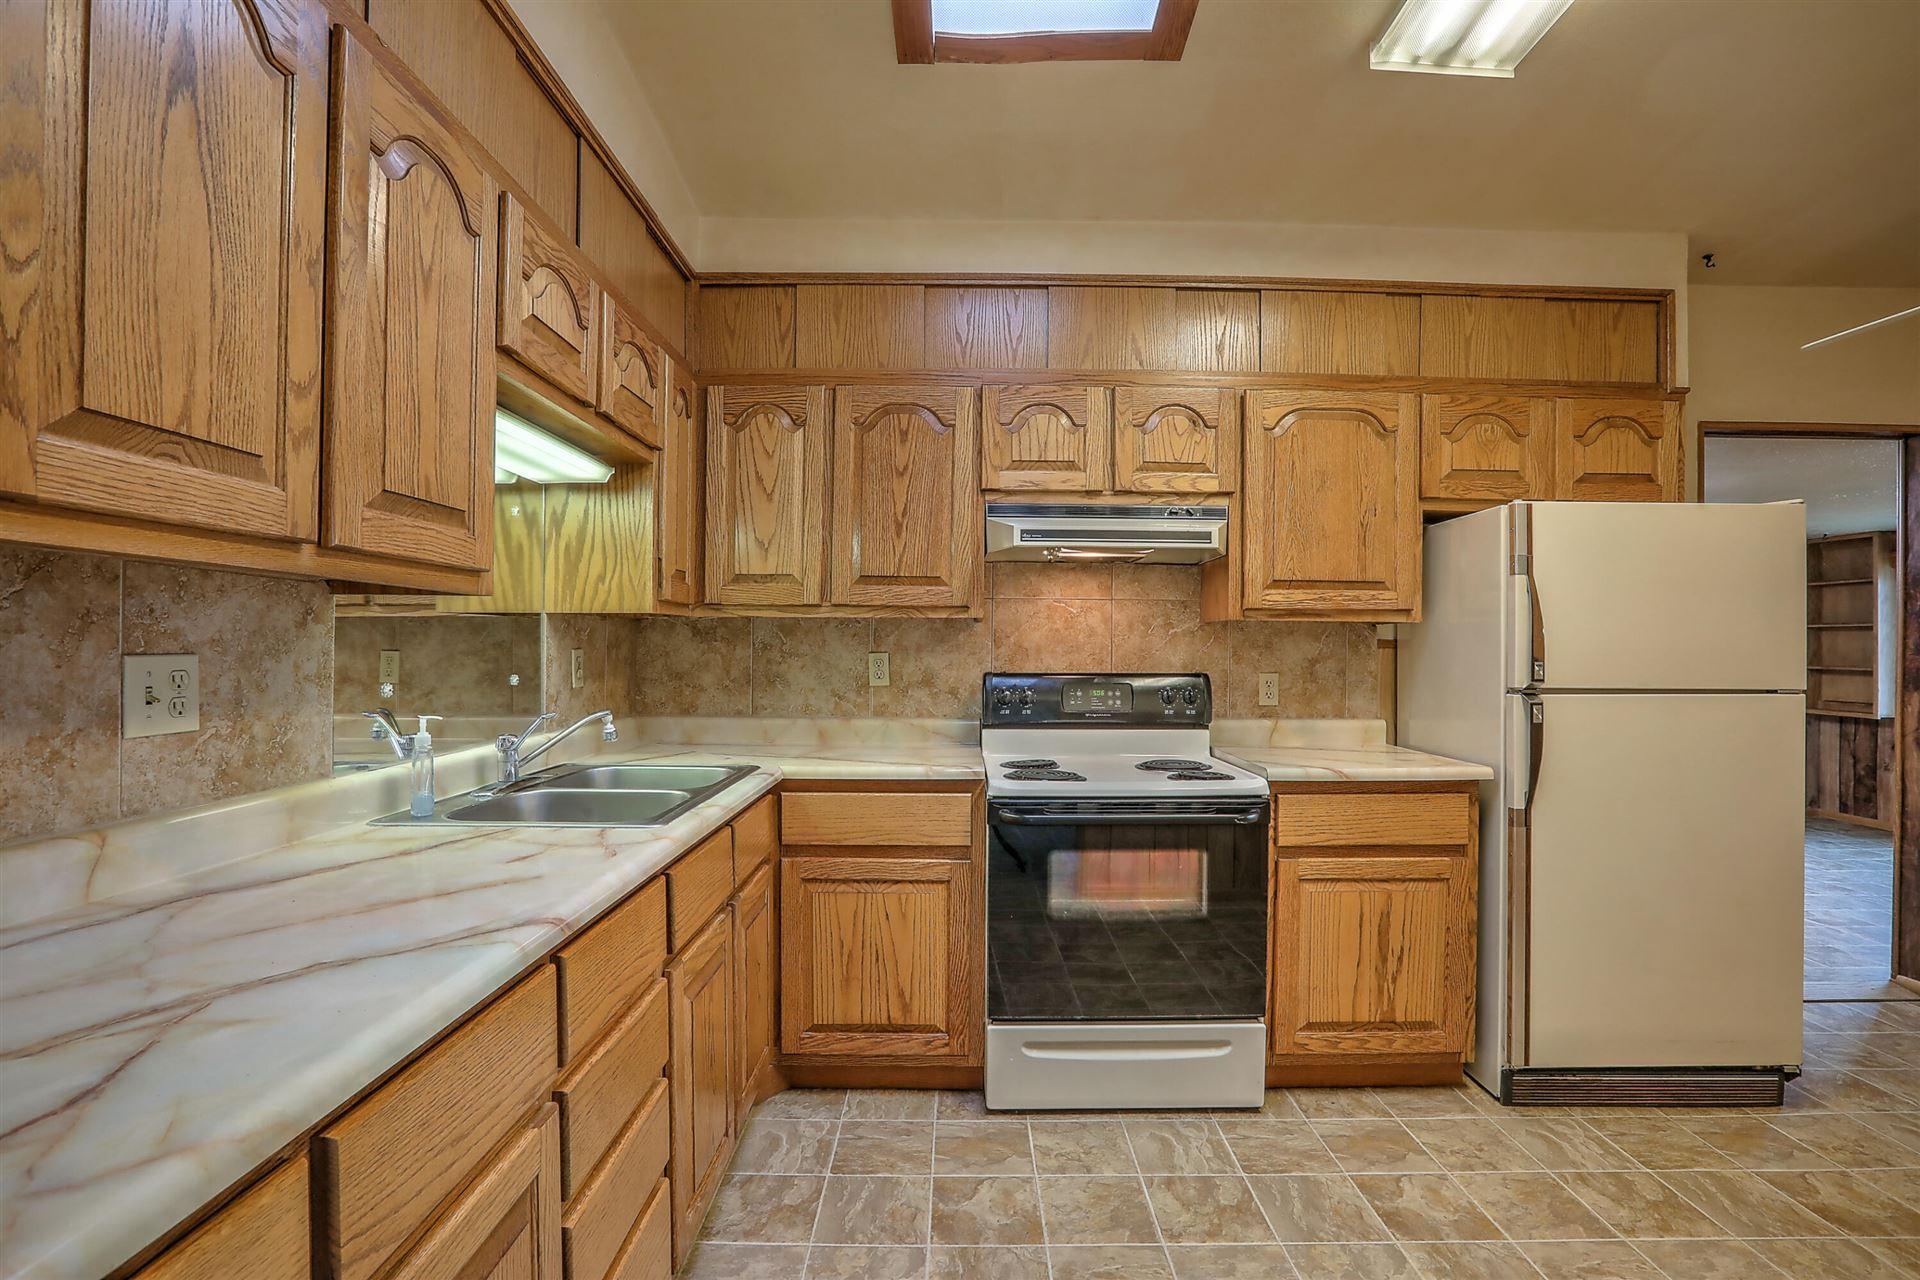 Photo of 11416 ANGELINA Place NE, Albuquerque, NM 87123 (MLS # 994574)